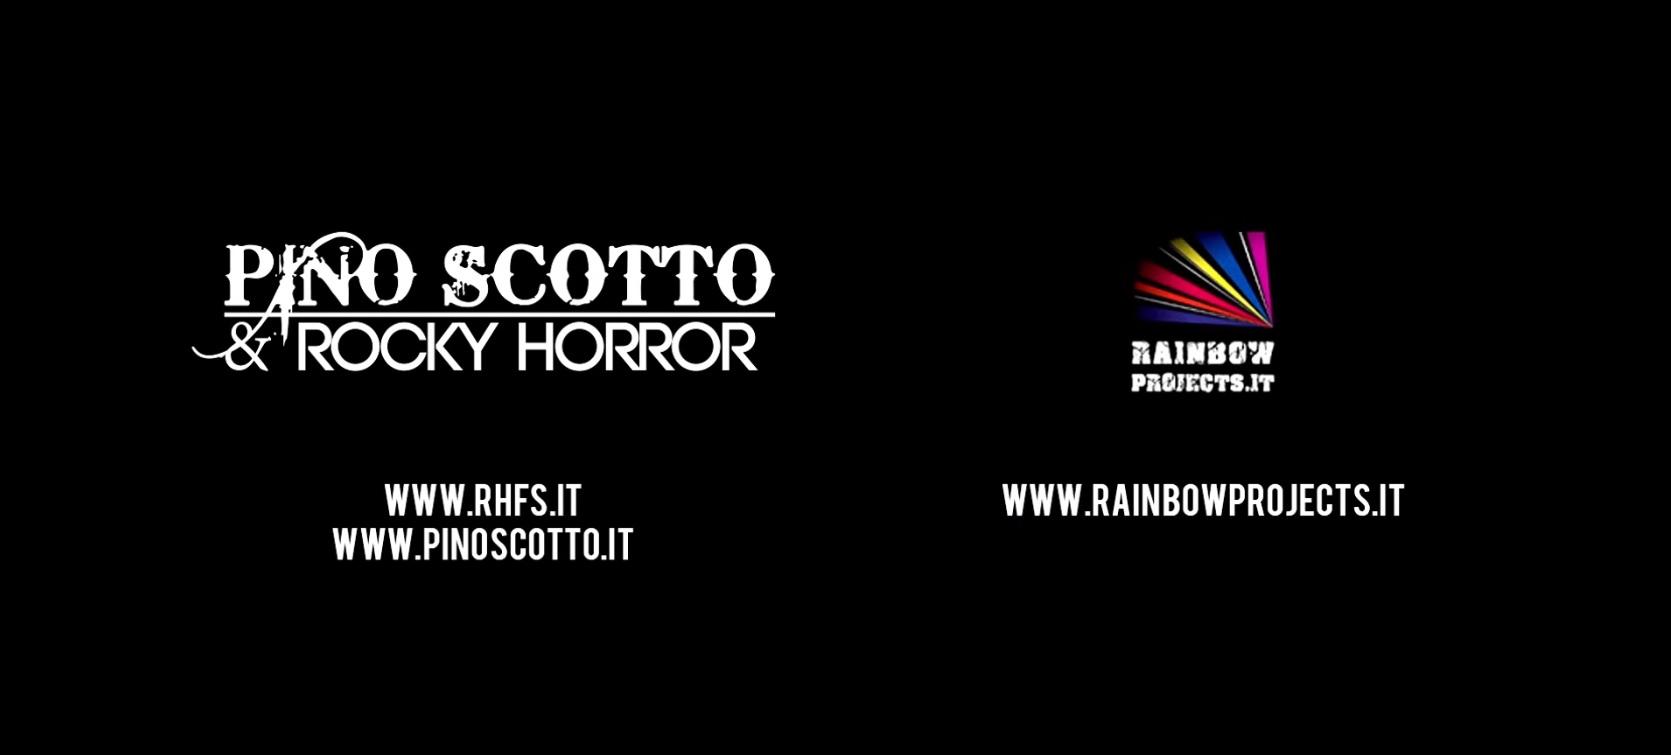 Pino scotto rocky horror